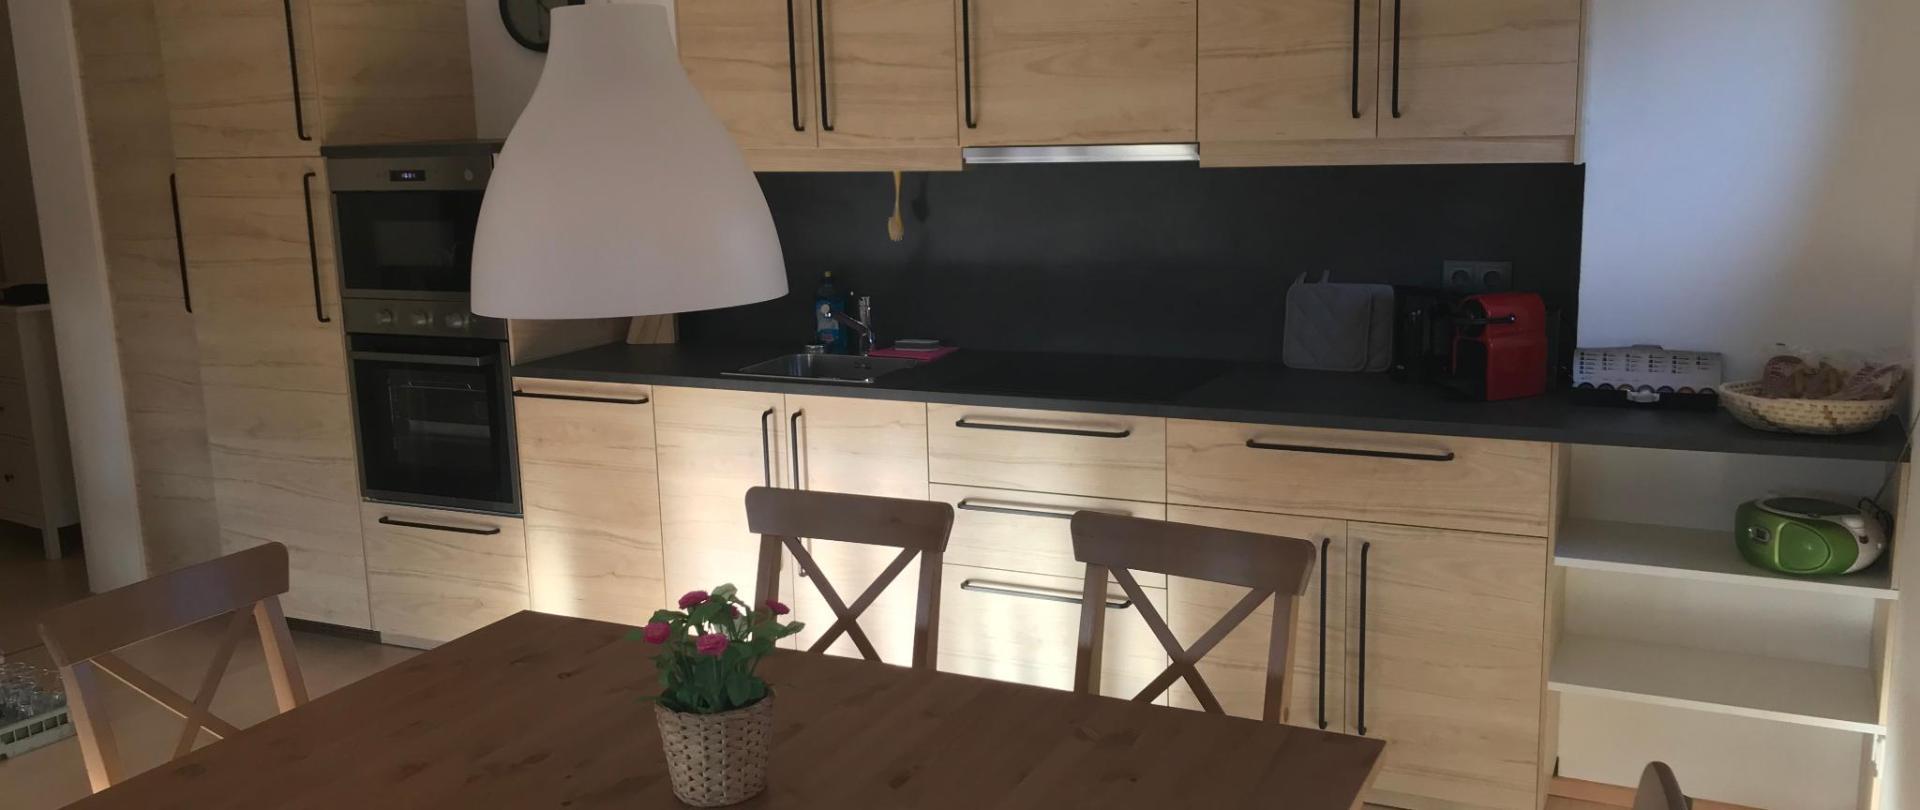 Apartment-Ferienwohnung Sonja in Innsbruck-Igls